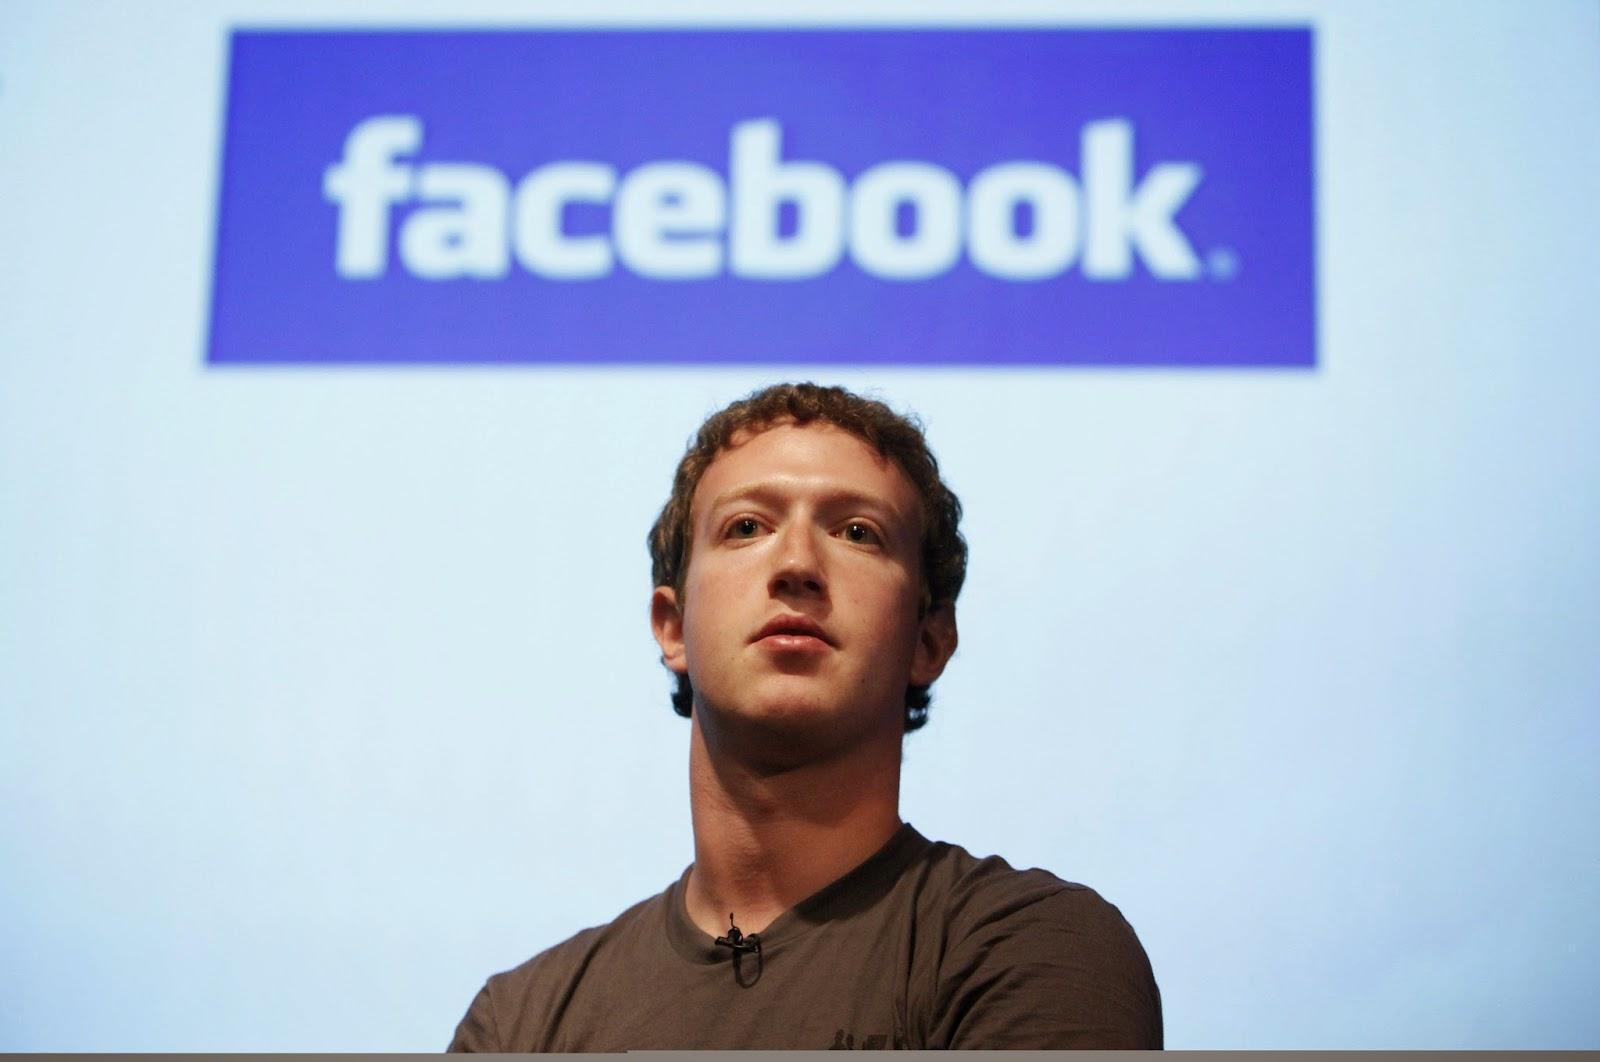 臉書營銷新趨勢!專攻社團,比粉專更有力!